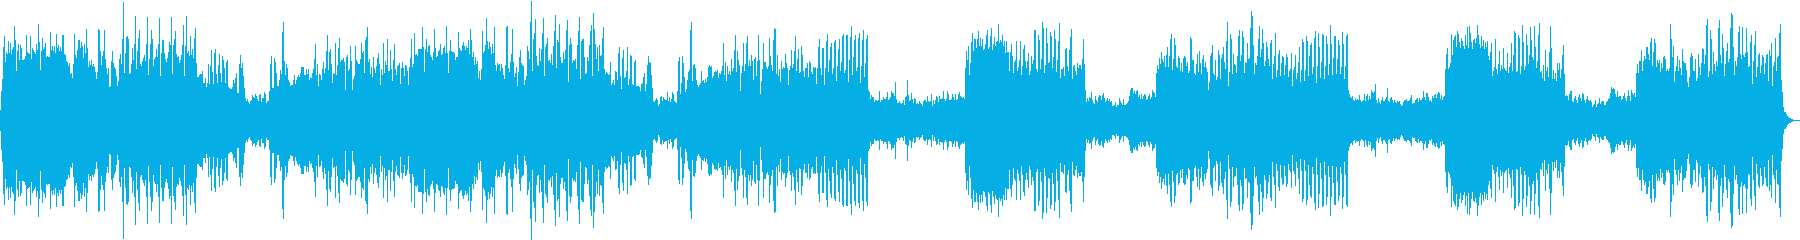 へンデルのカバーの再生済みの波形